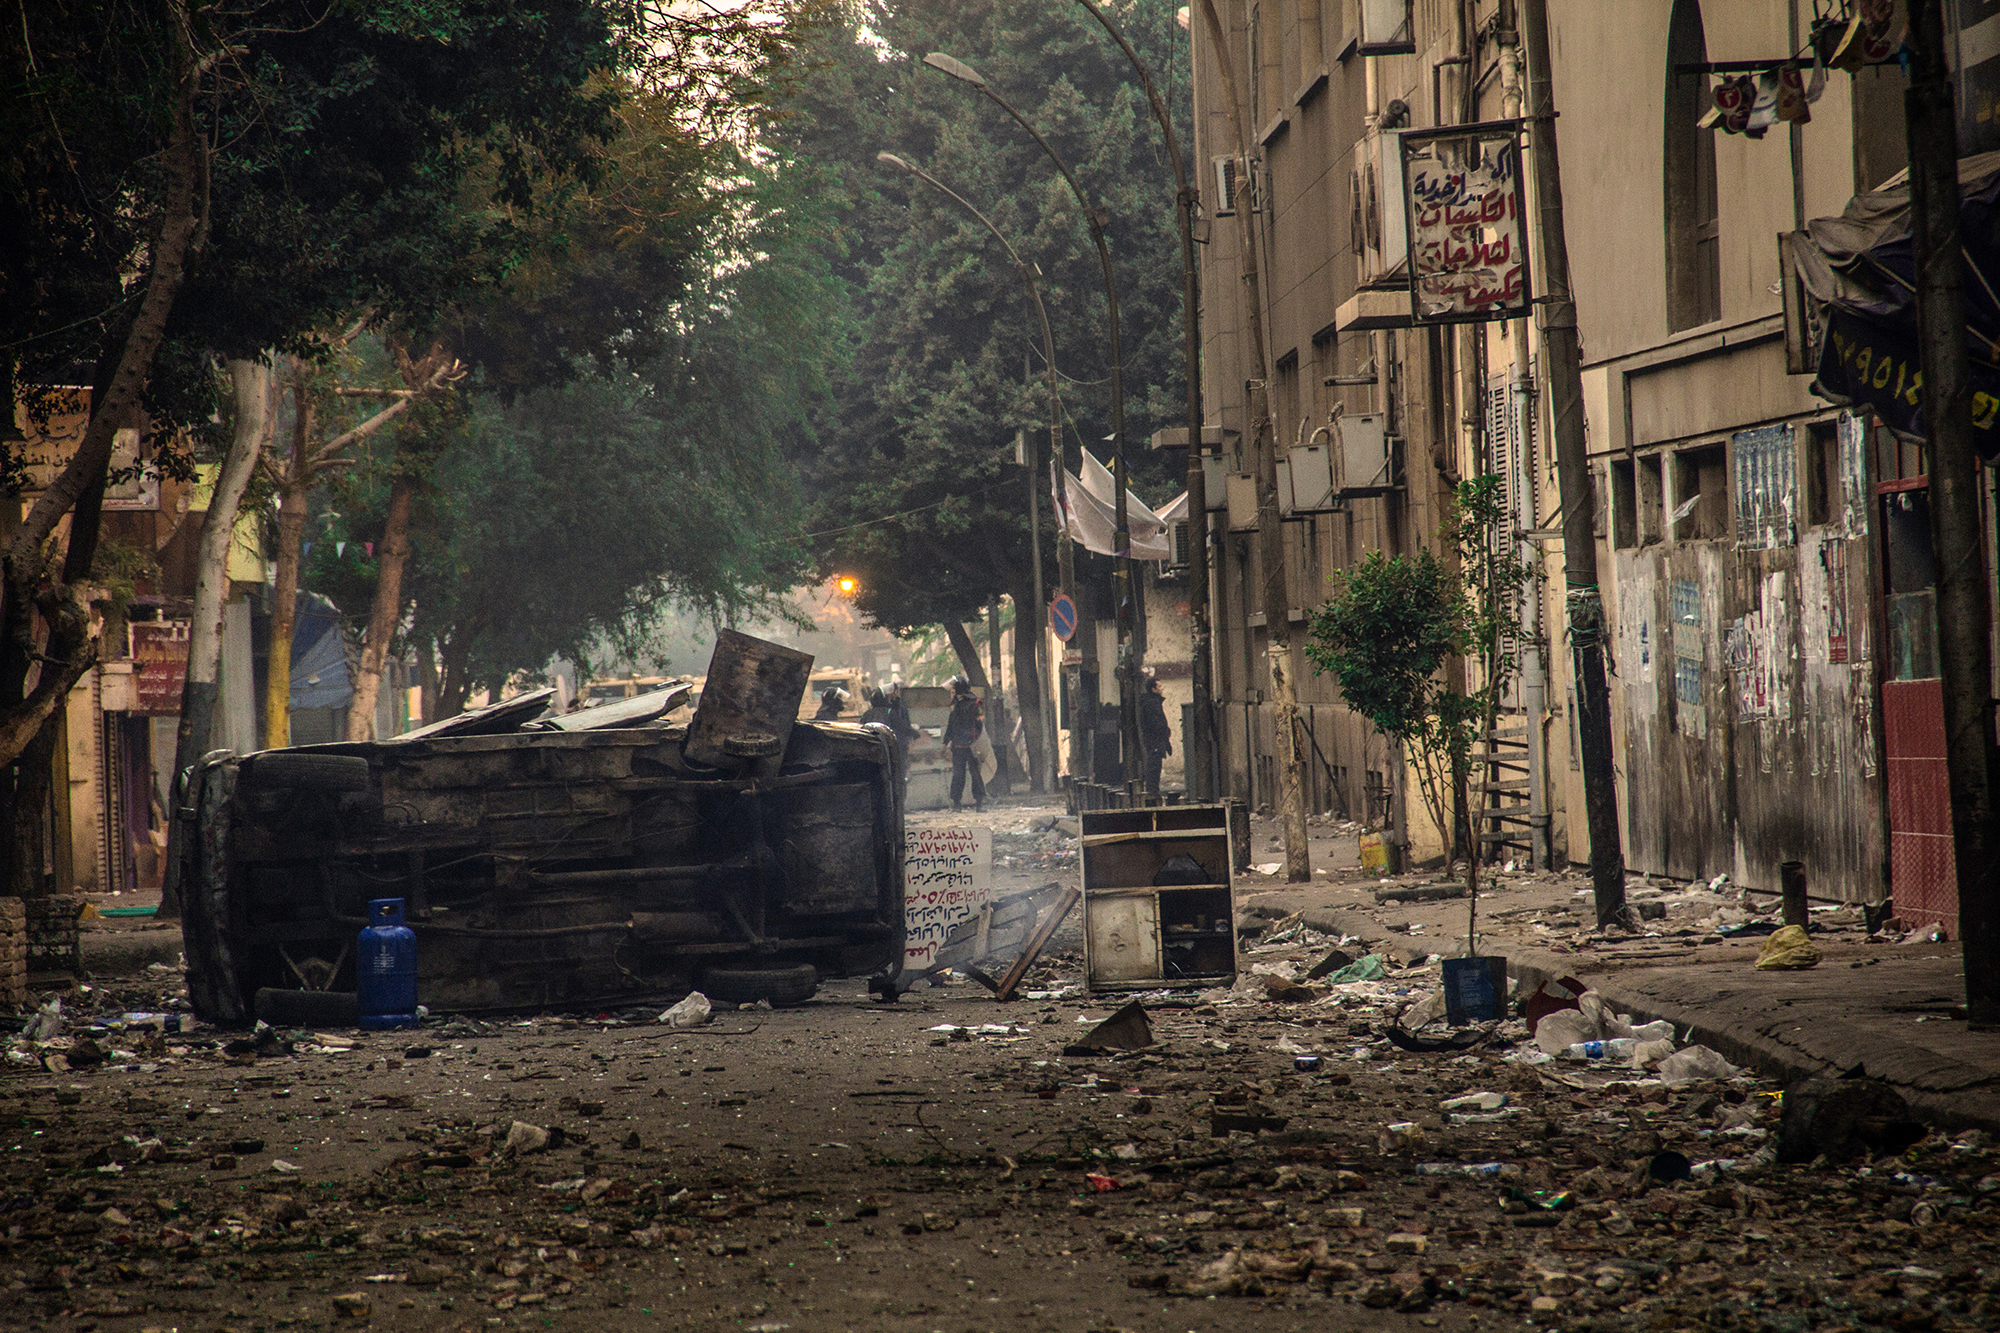 Escombros de um dos embates, ocorrido em 21 de novembro de 2011 na rua Muhammad Mahmoud, do confronto generalizado entre manifestantes e forças policiais que durou seis dias e foi o mais violento após a queda de Mubarak, com mais de 40 vítimas. O confronto se iniciou em 19 de novembro de 2021, após a polícia reprimir violentamente protesto pacífico de famílias no local em memória dos mortos da Revolução Egípcia de janeiro e fevereiro daquele ano. A rua e a Praça Tahrir foram o epicentro dos constantes embates entre população e tropas do governo desde o início da revolução.